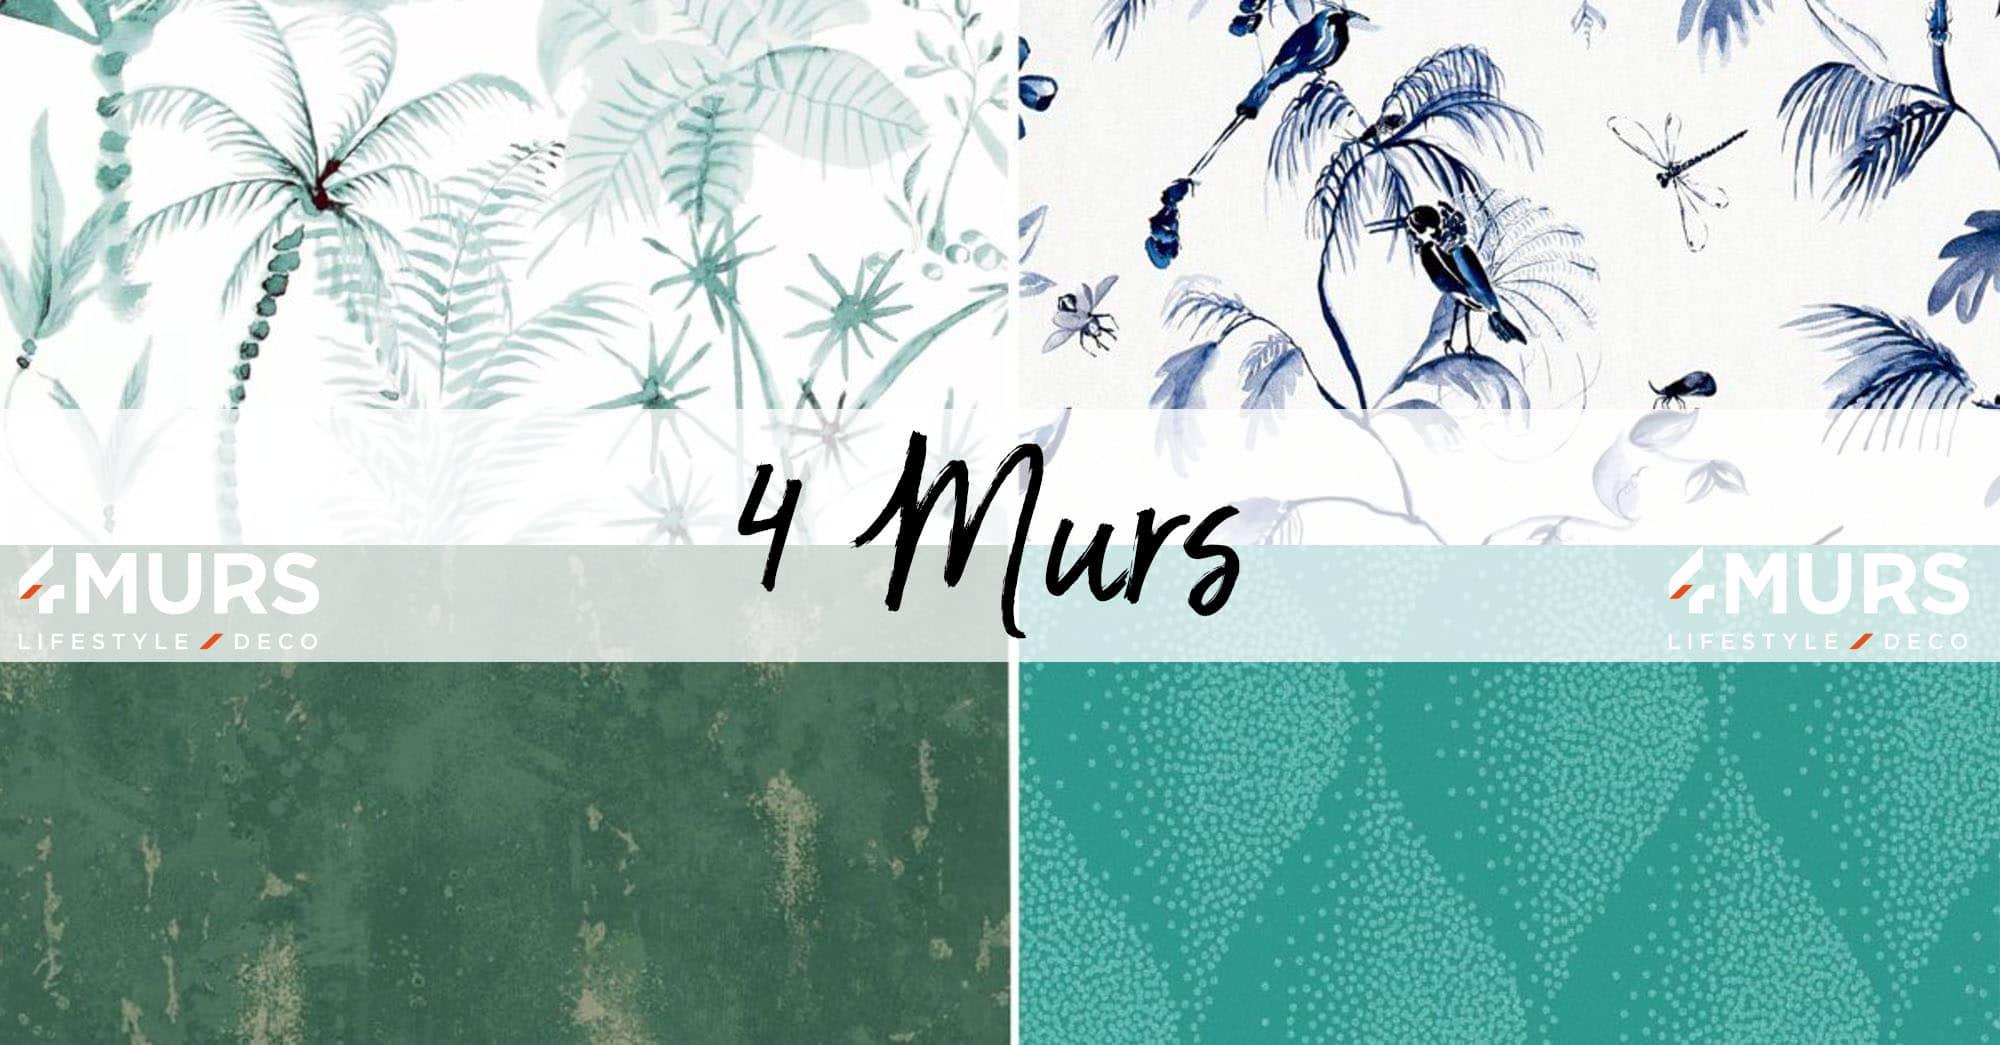 4 Murs